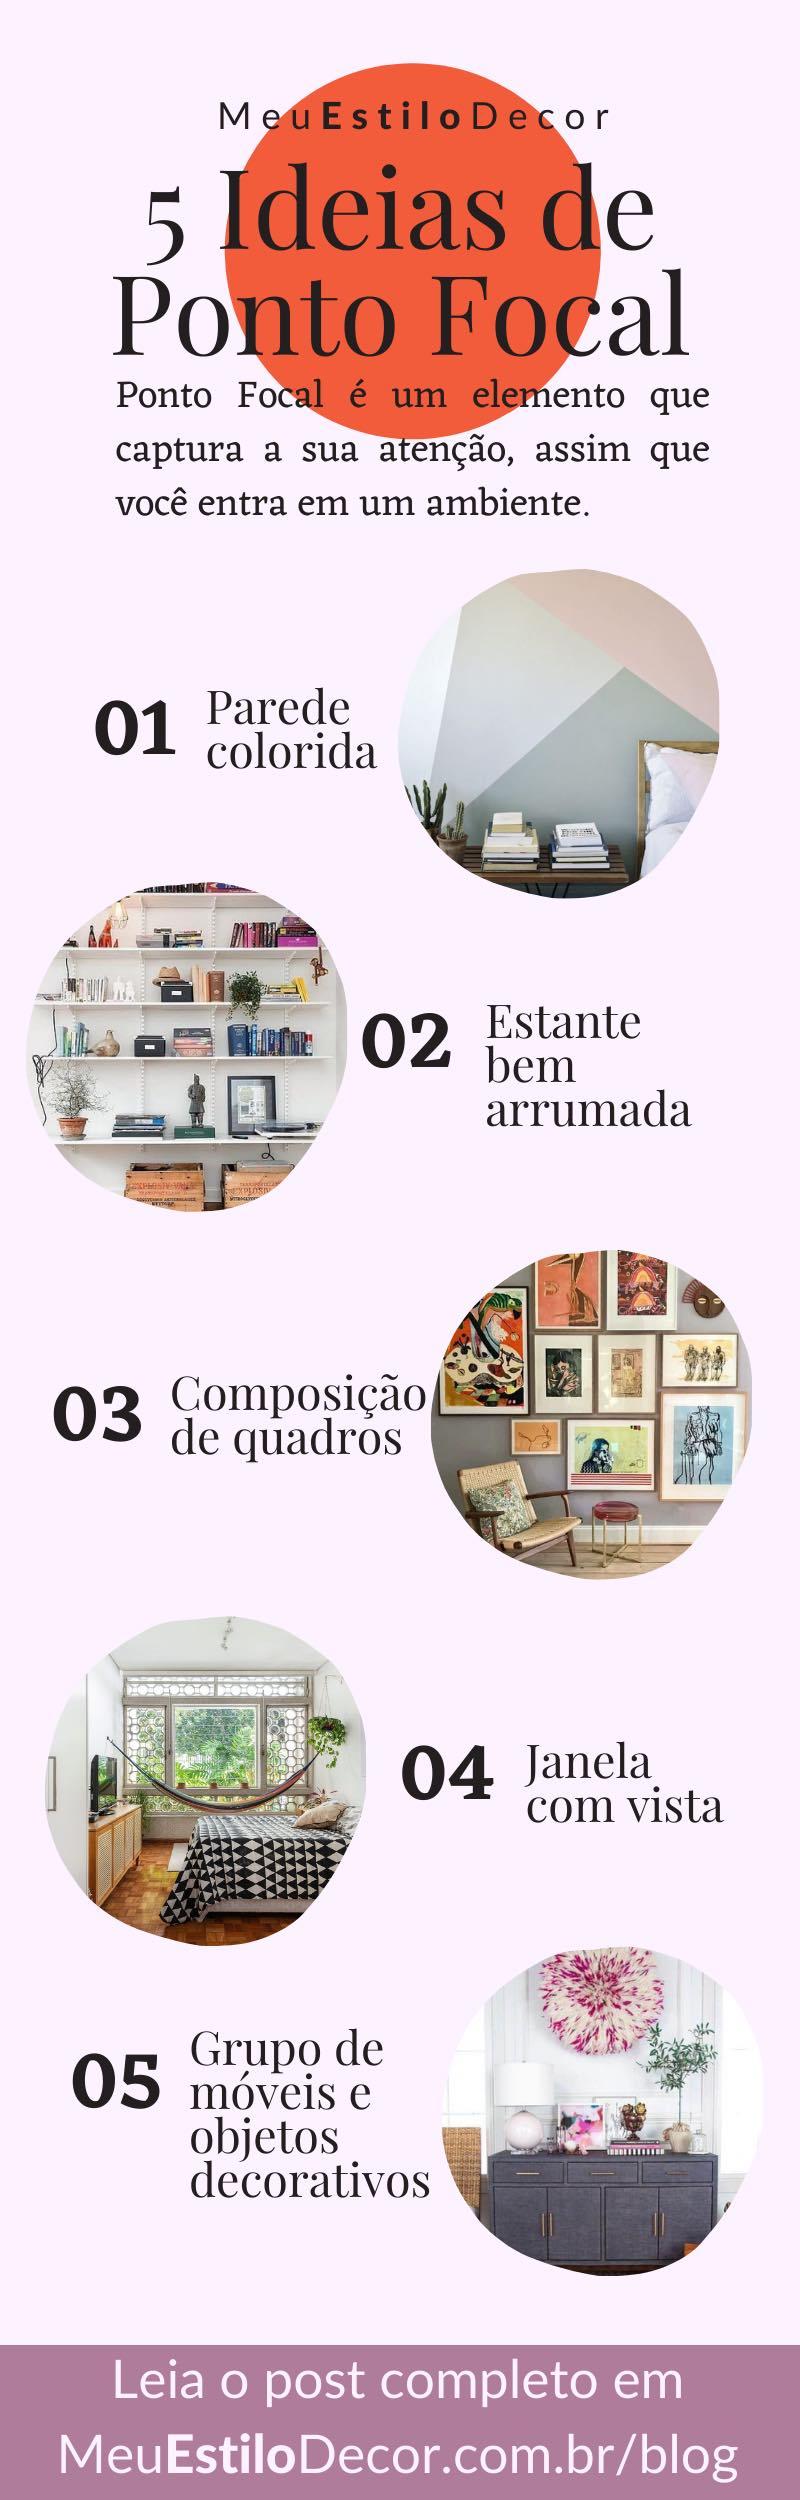 5 ideias de ponto focal na decoração